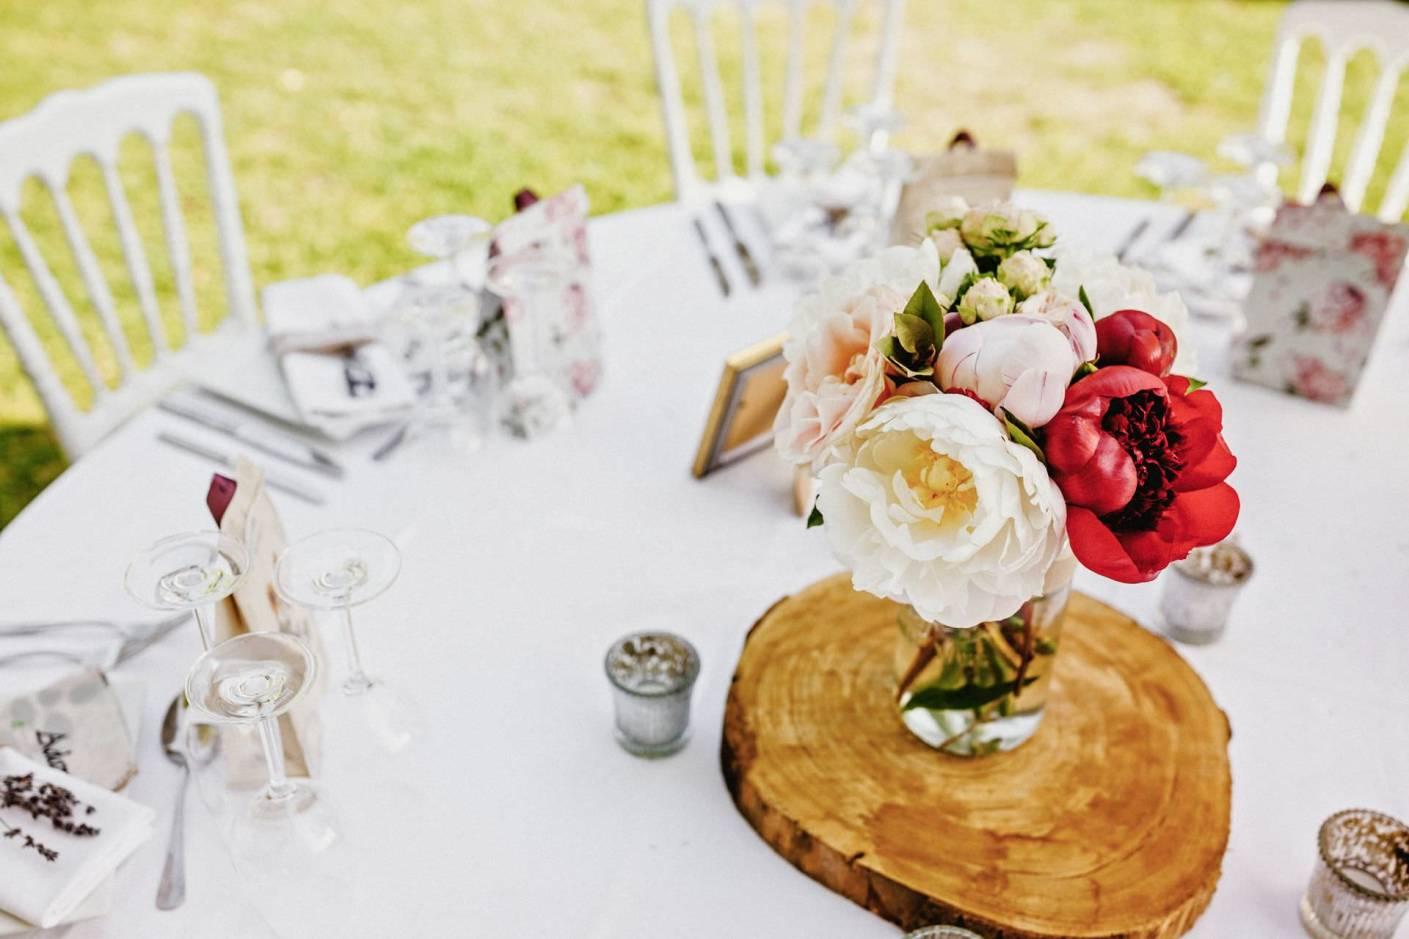 floral boquet table decorations